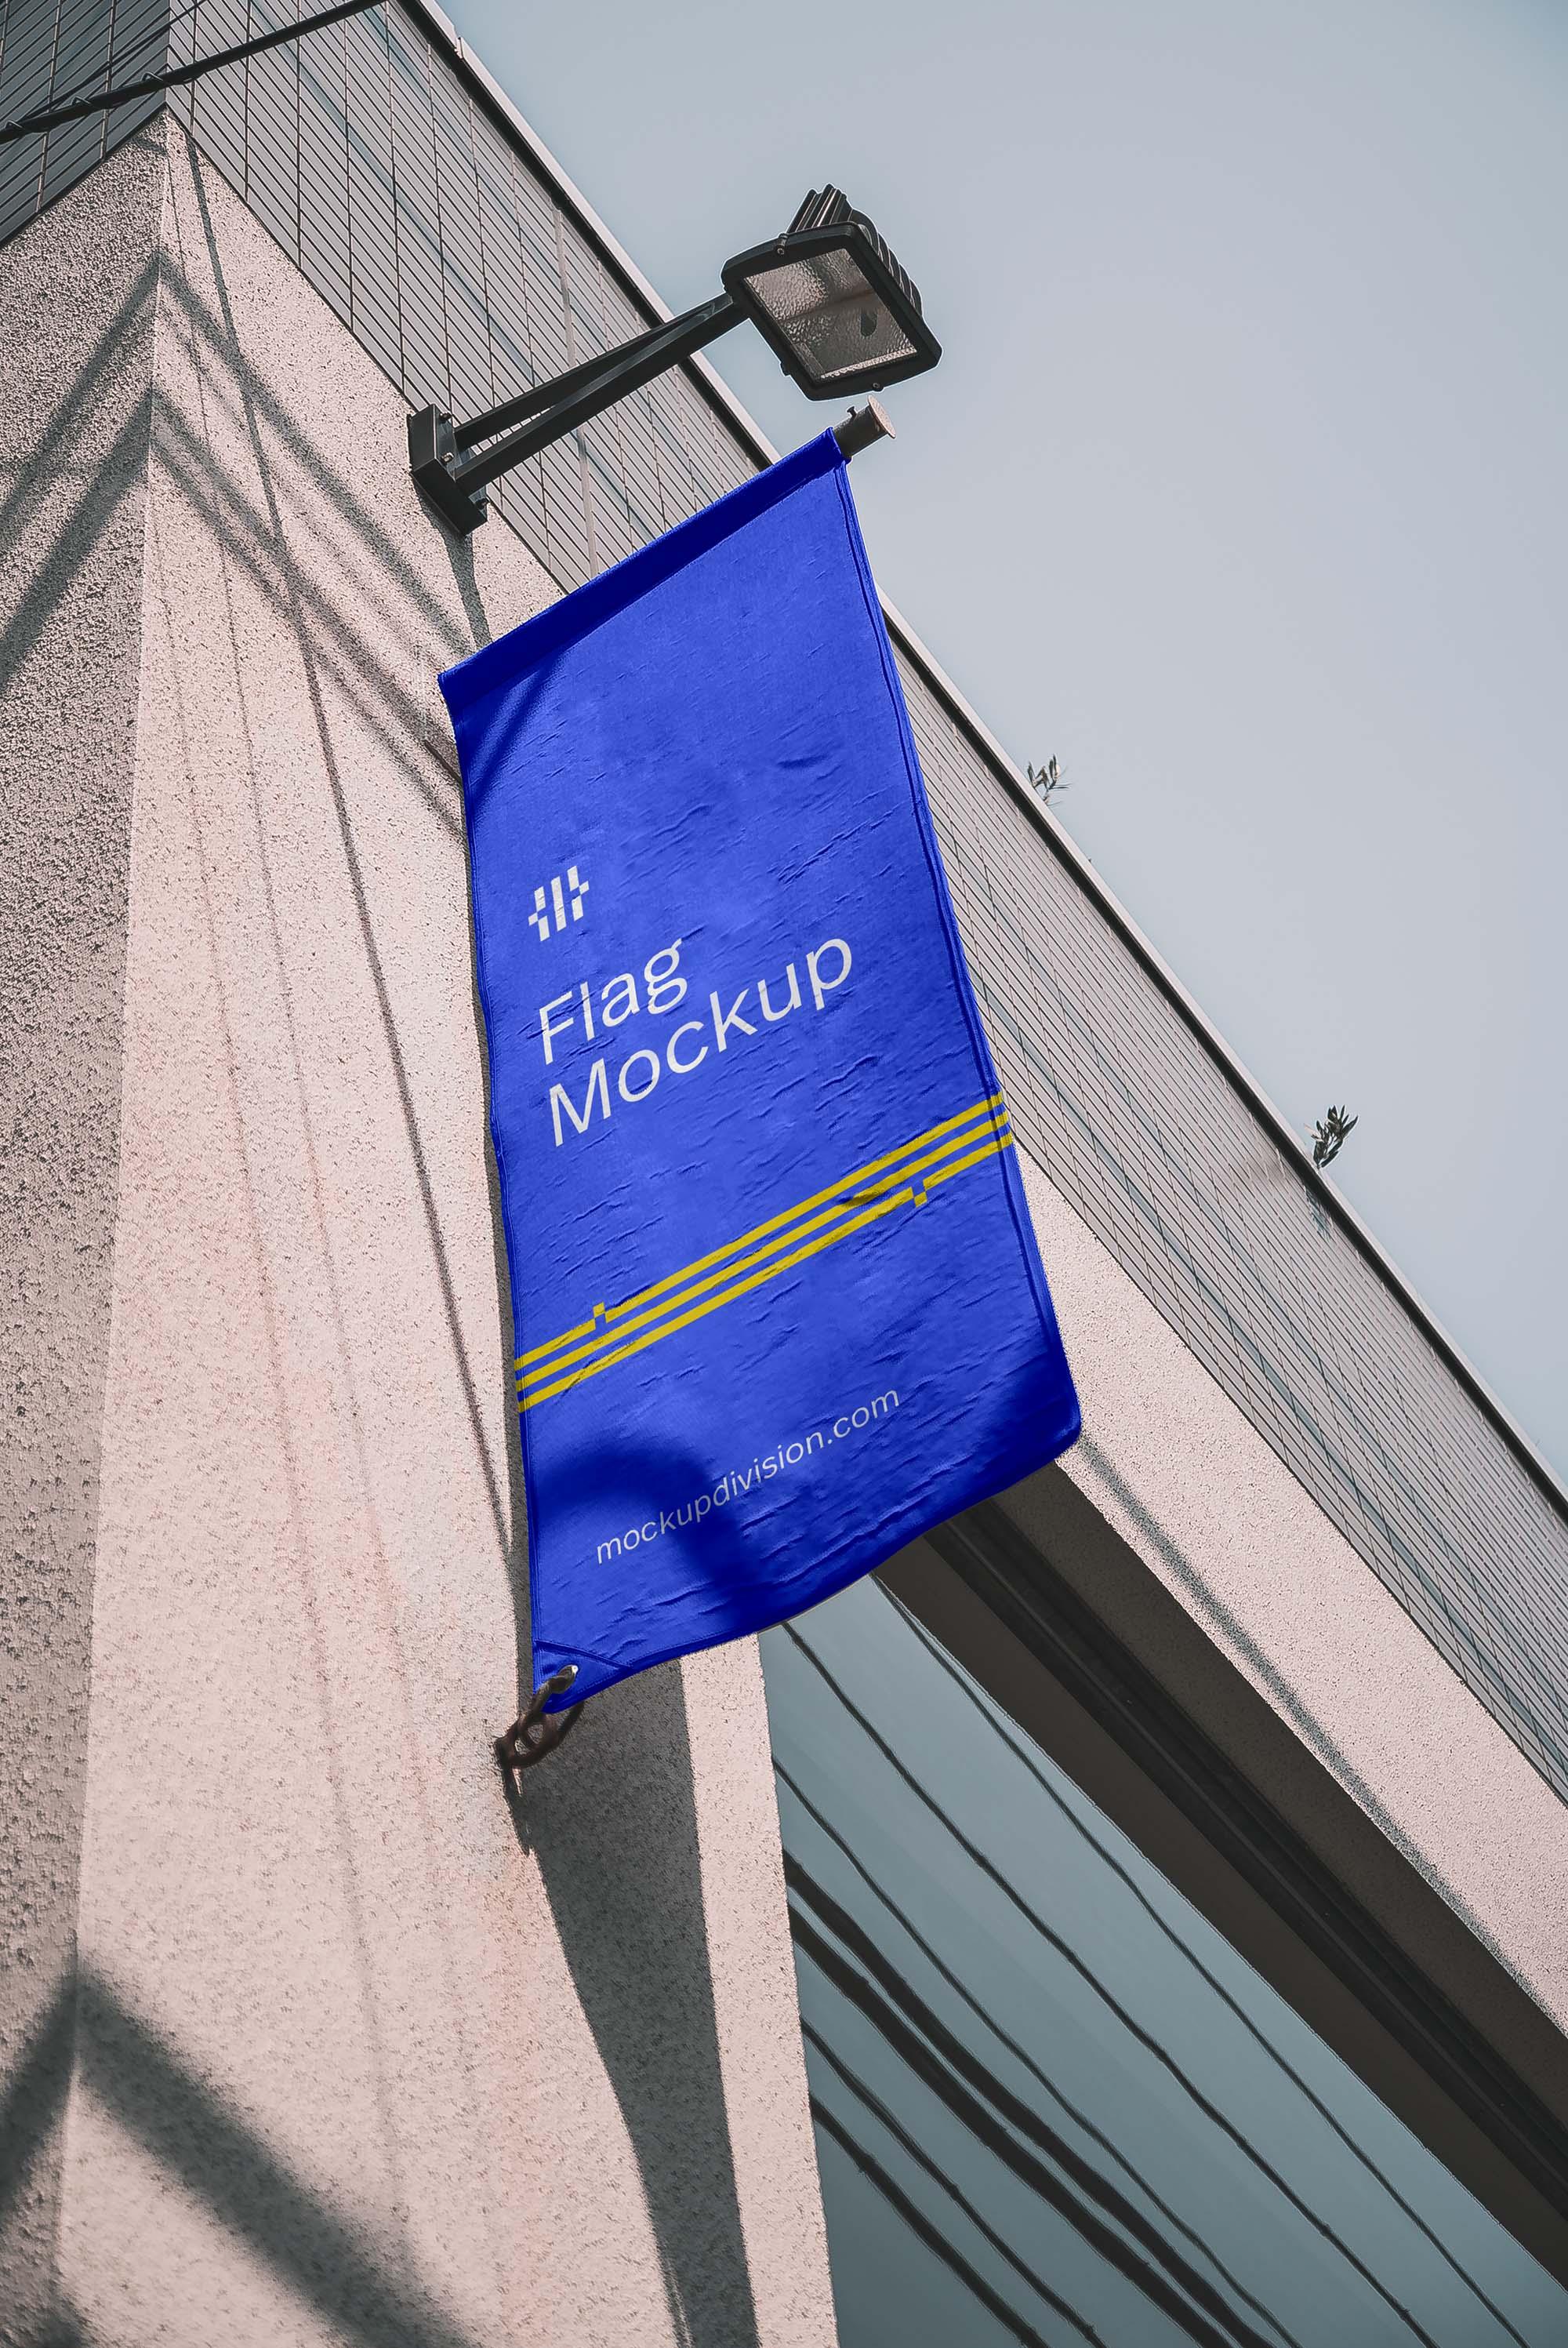 Vertical Flag on Building Mockup